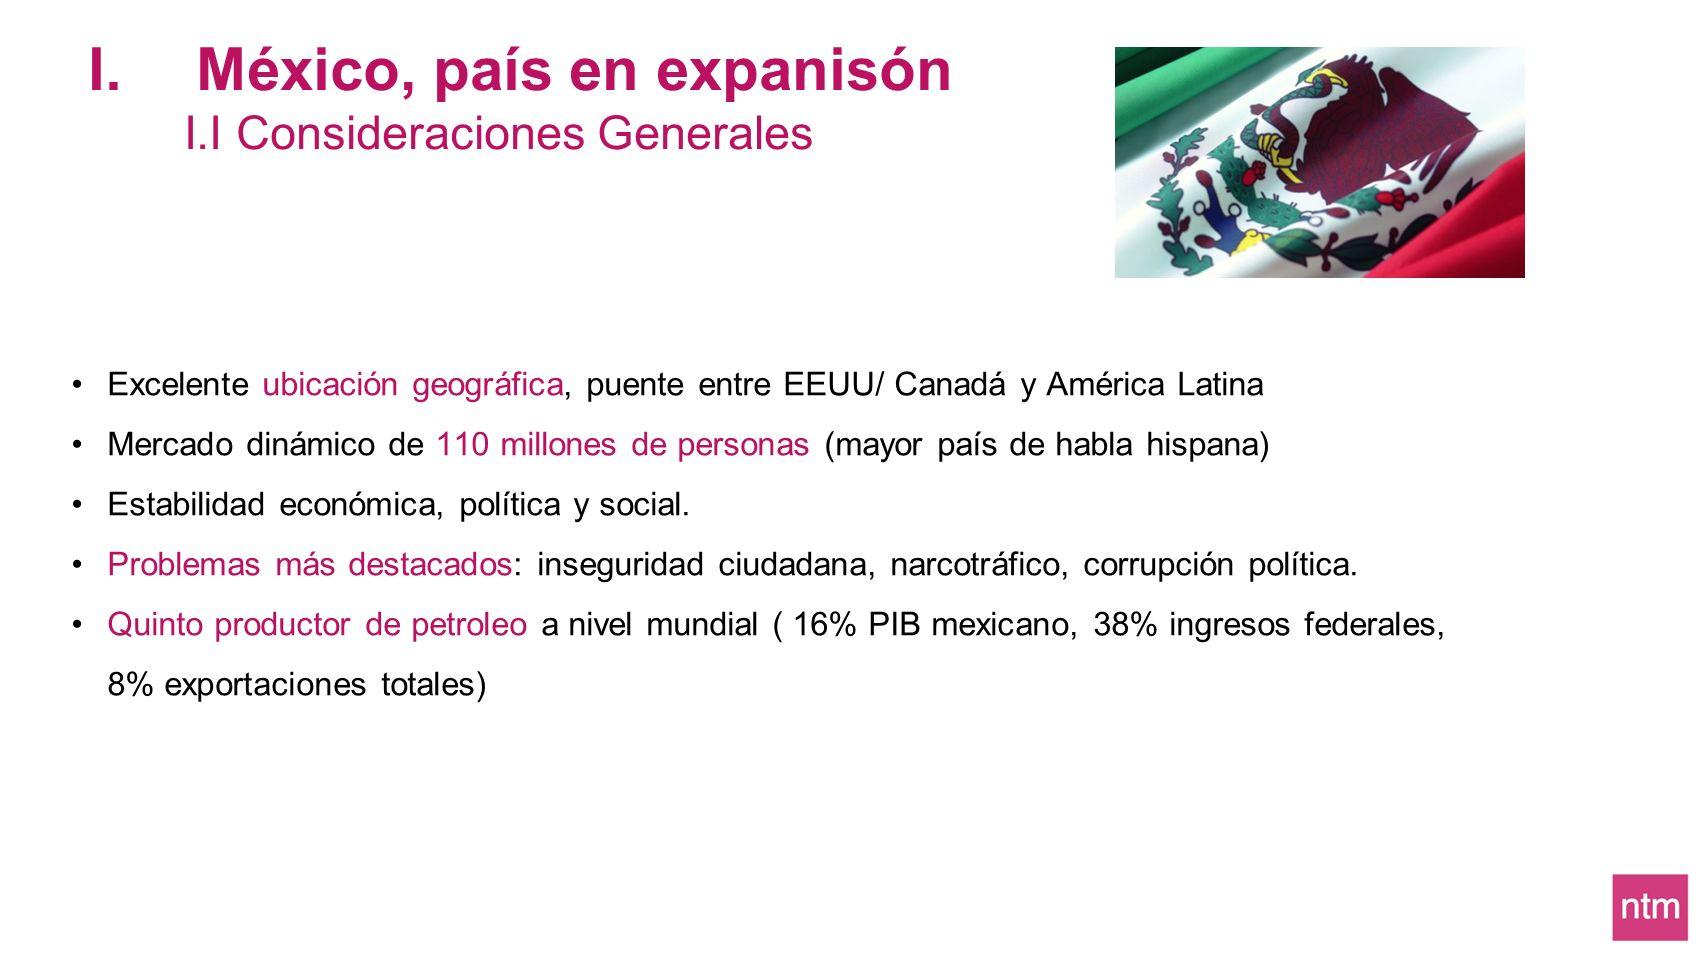 Crecimiento PIB años 2011 y 2012 (estimado FMI): 3.9 % Desde el año 2011, México es la primera potencia económica de habla hispana, superando a España en PIB total.